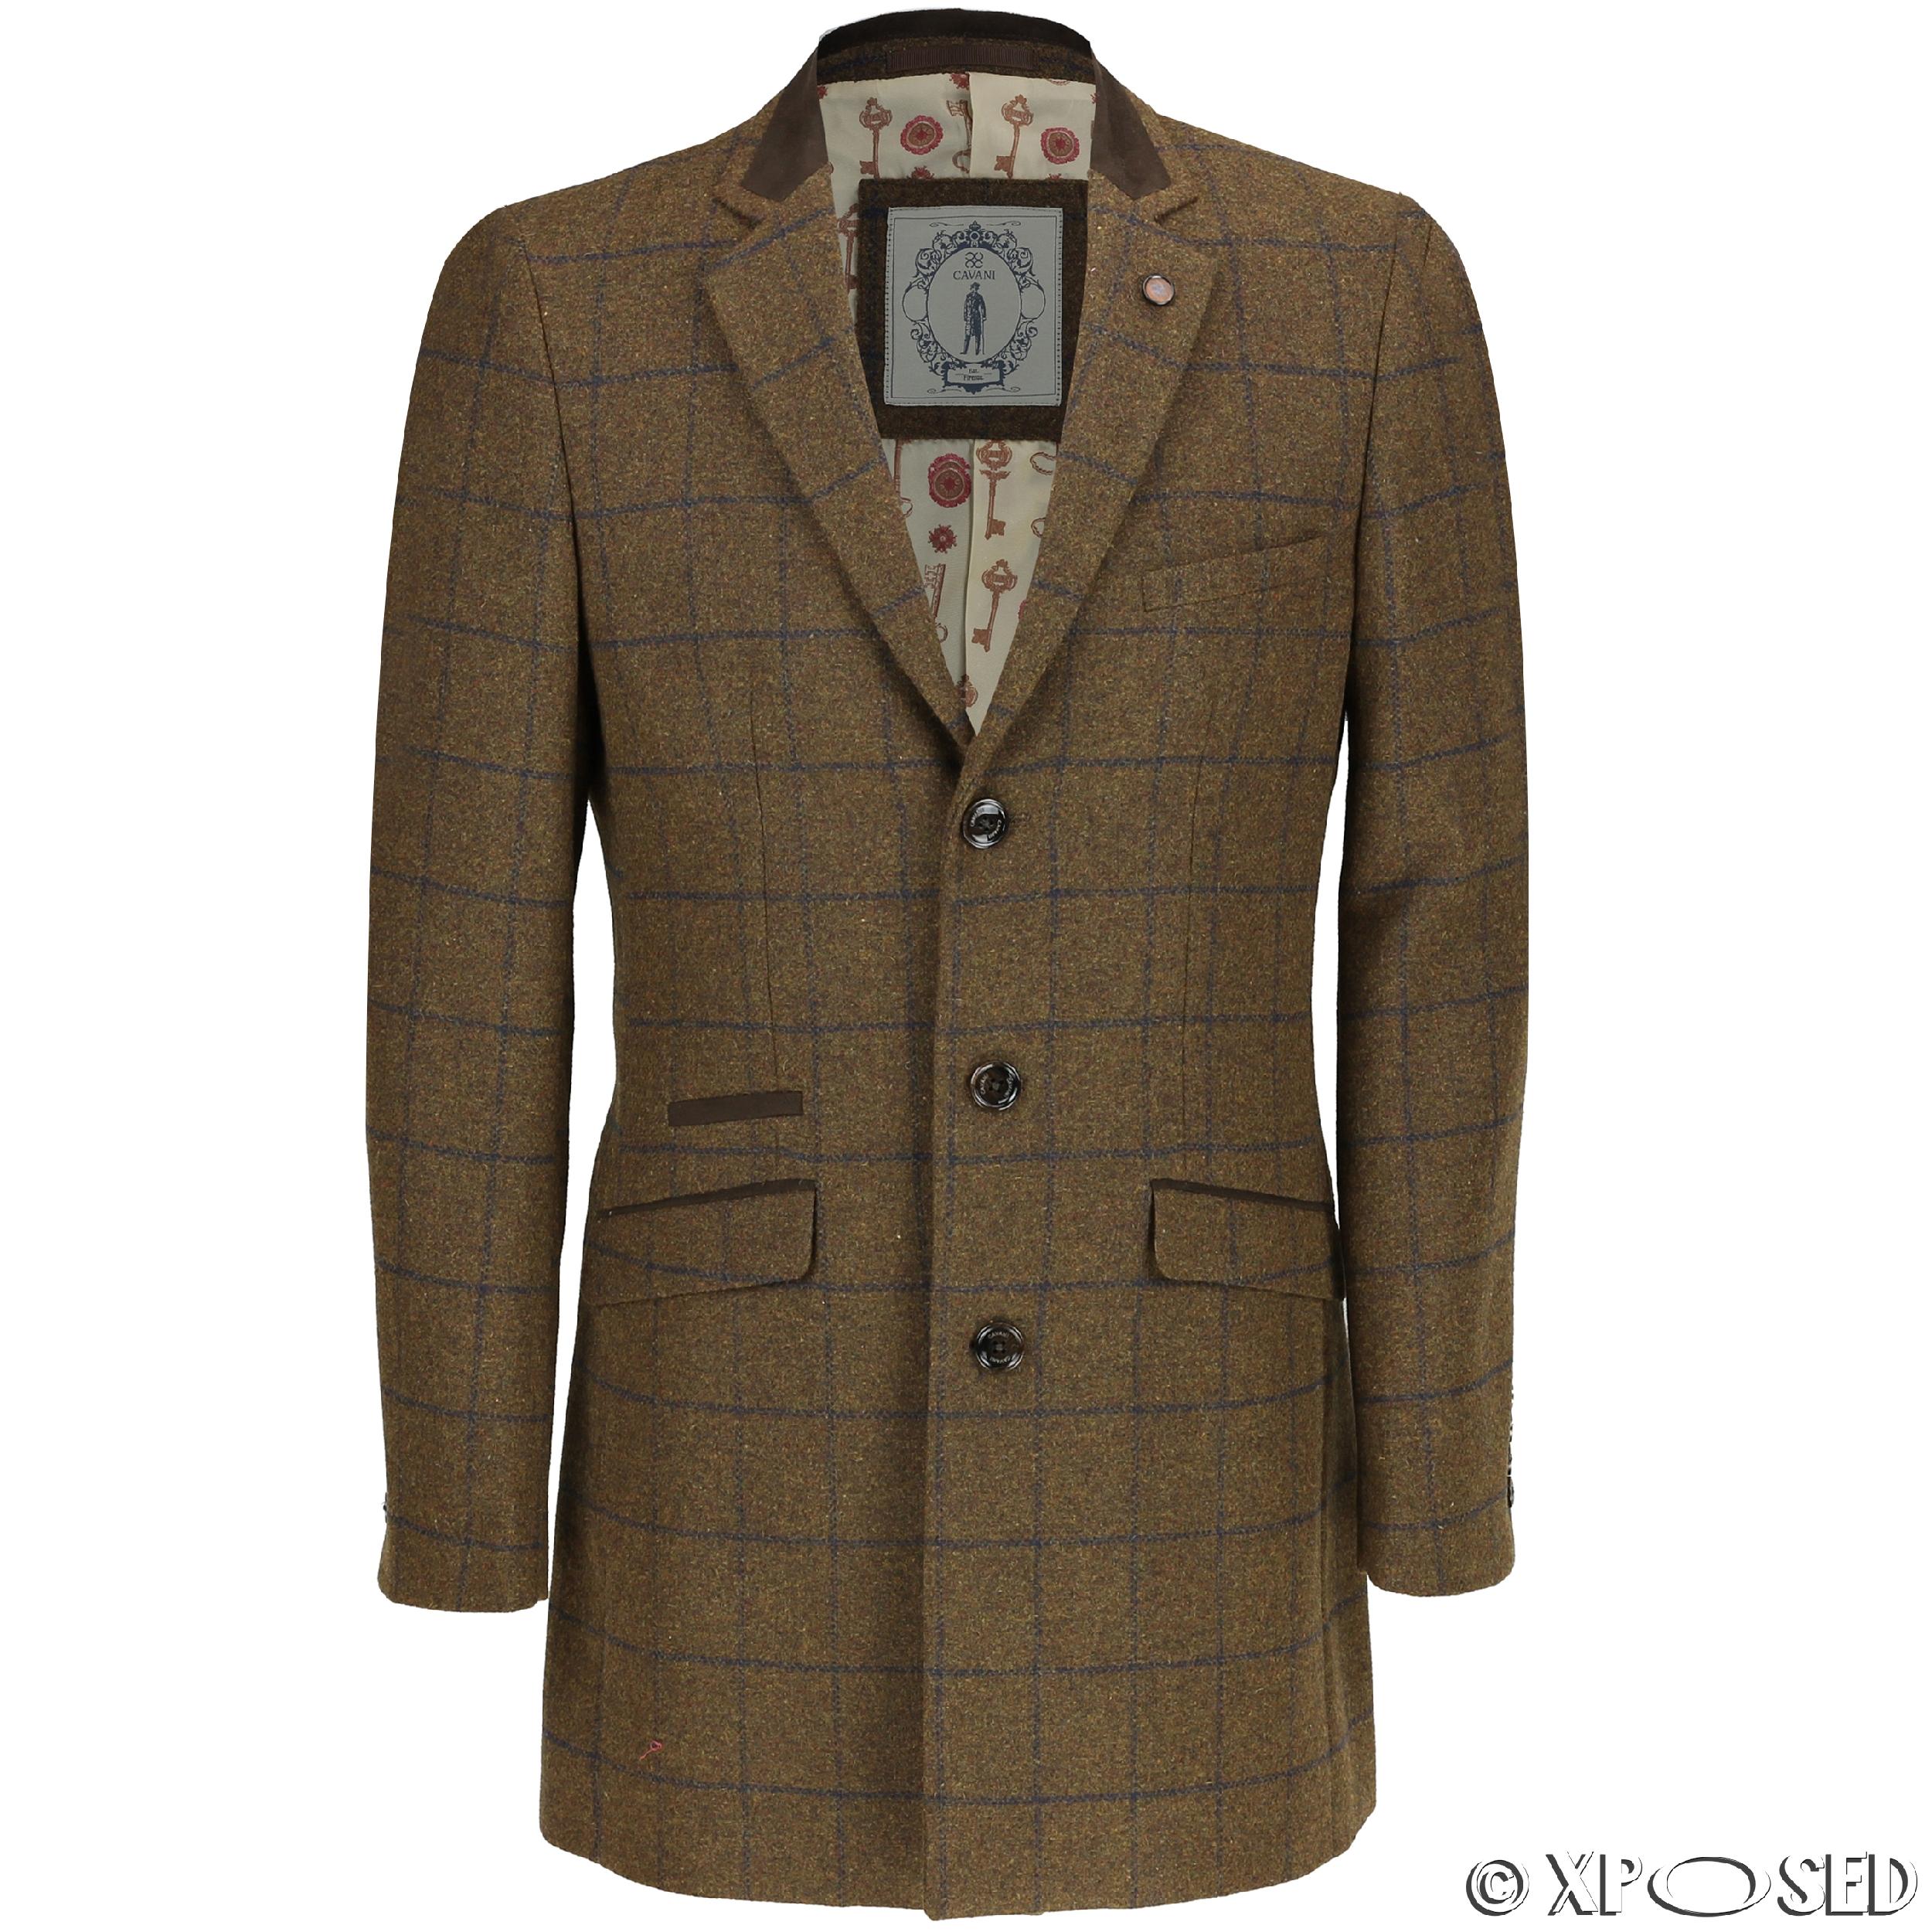 Tan overcoat